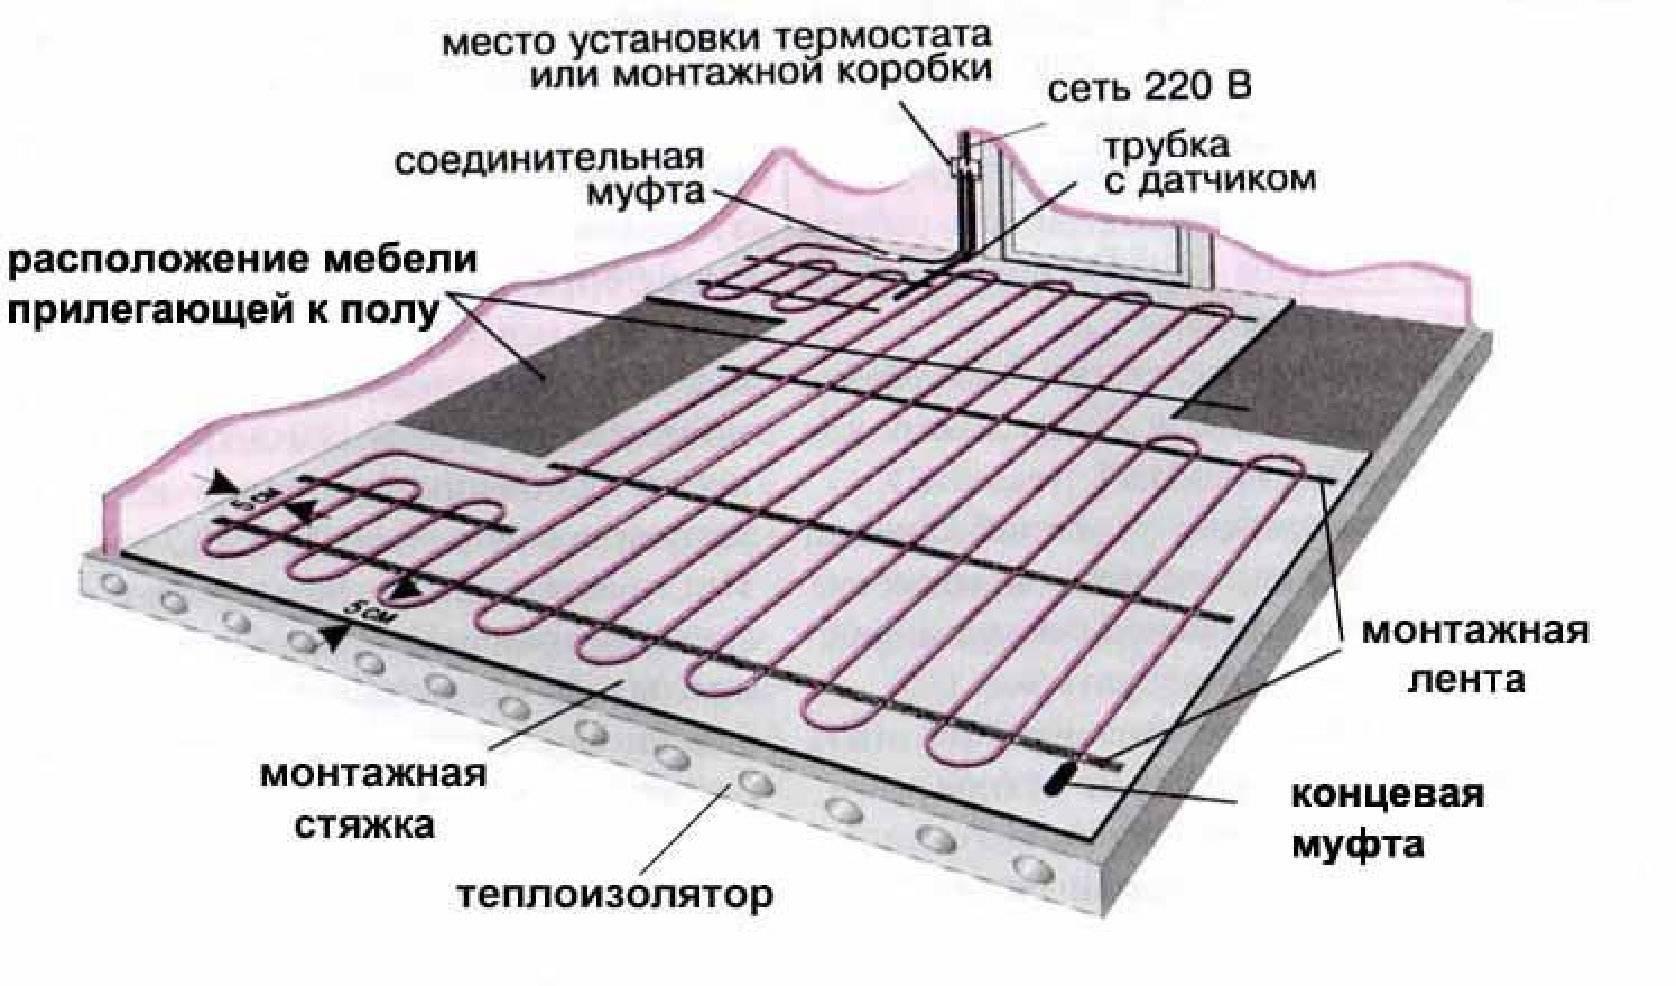 Толщина стяжки над водяным теплым полом: оптимальная, минимальная, максимальная